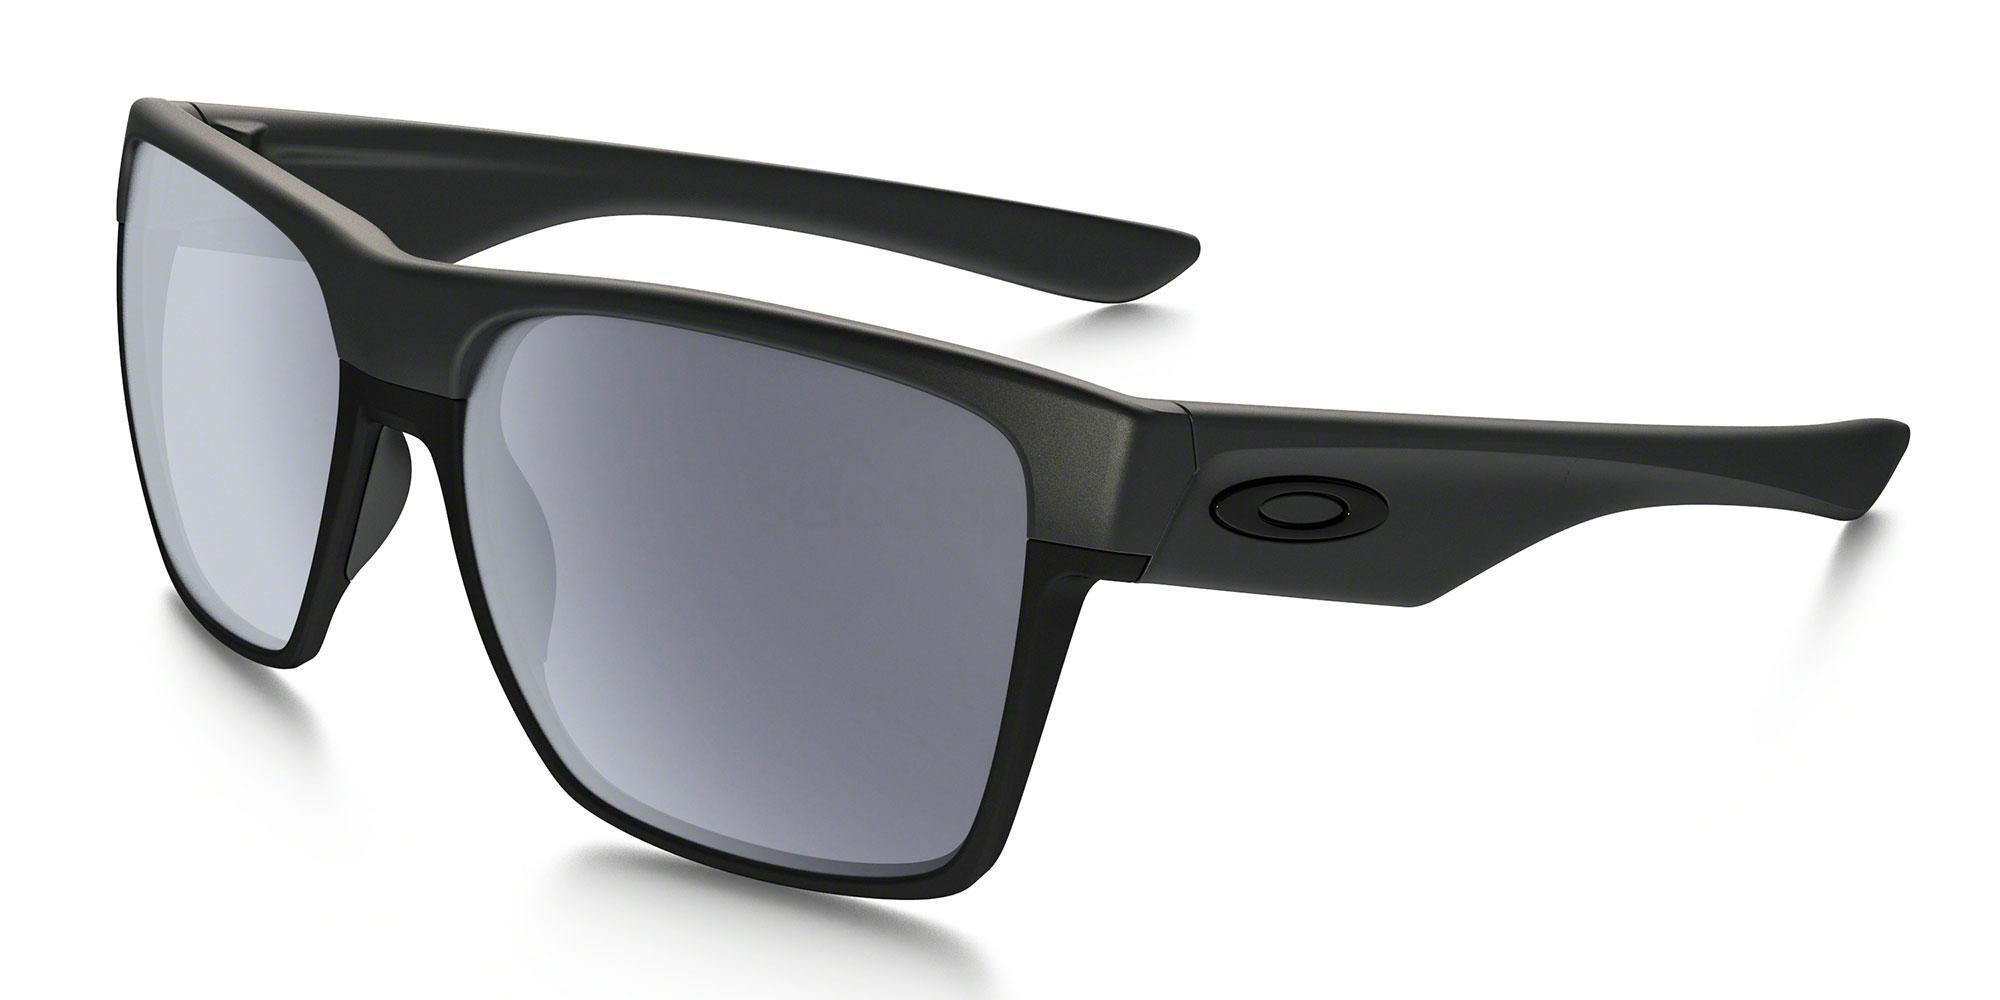 935003 OO9350 TWOFACE XL Sunglasses, Oakley